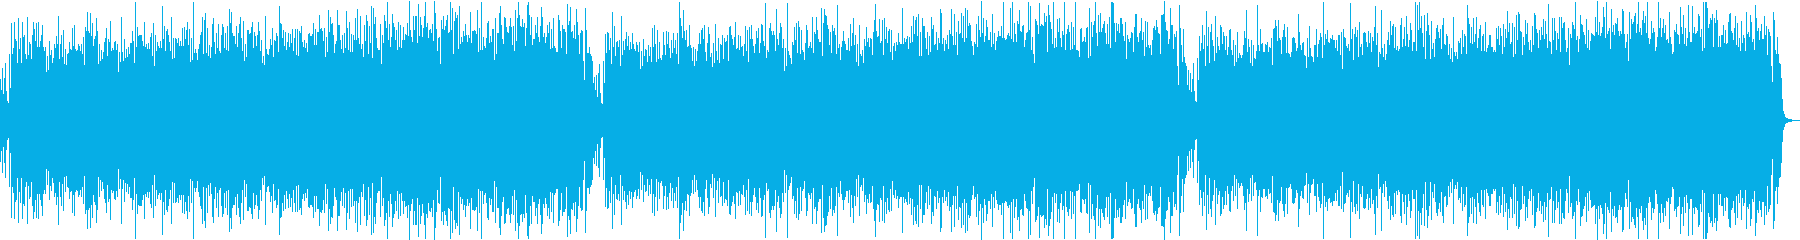 陽気なカントリーフィドルCM軽快疾走感aの再生済みの波形